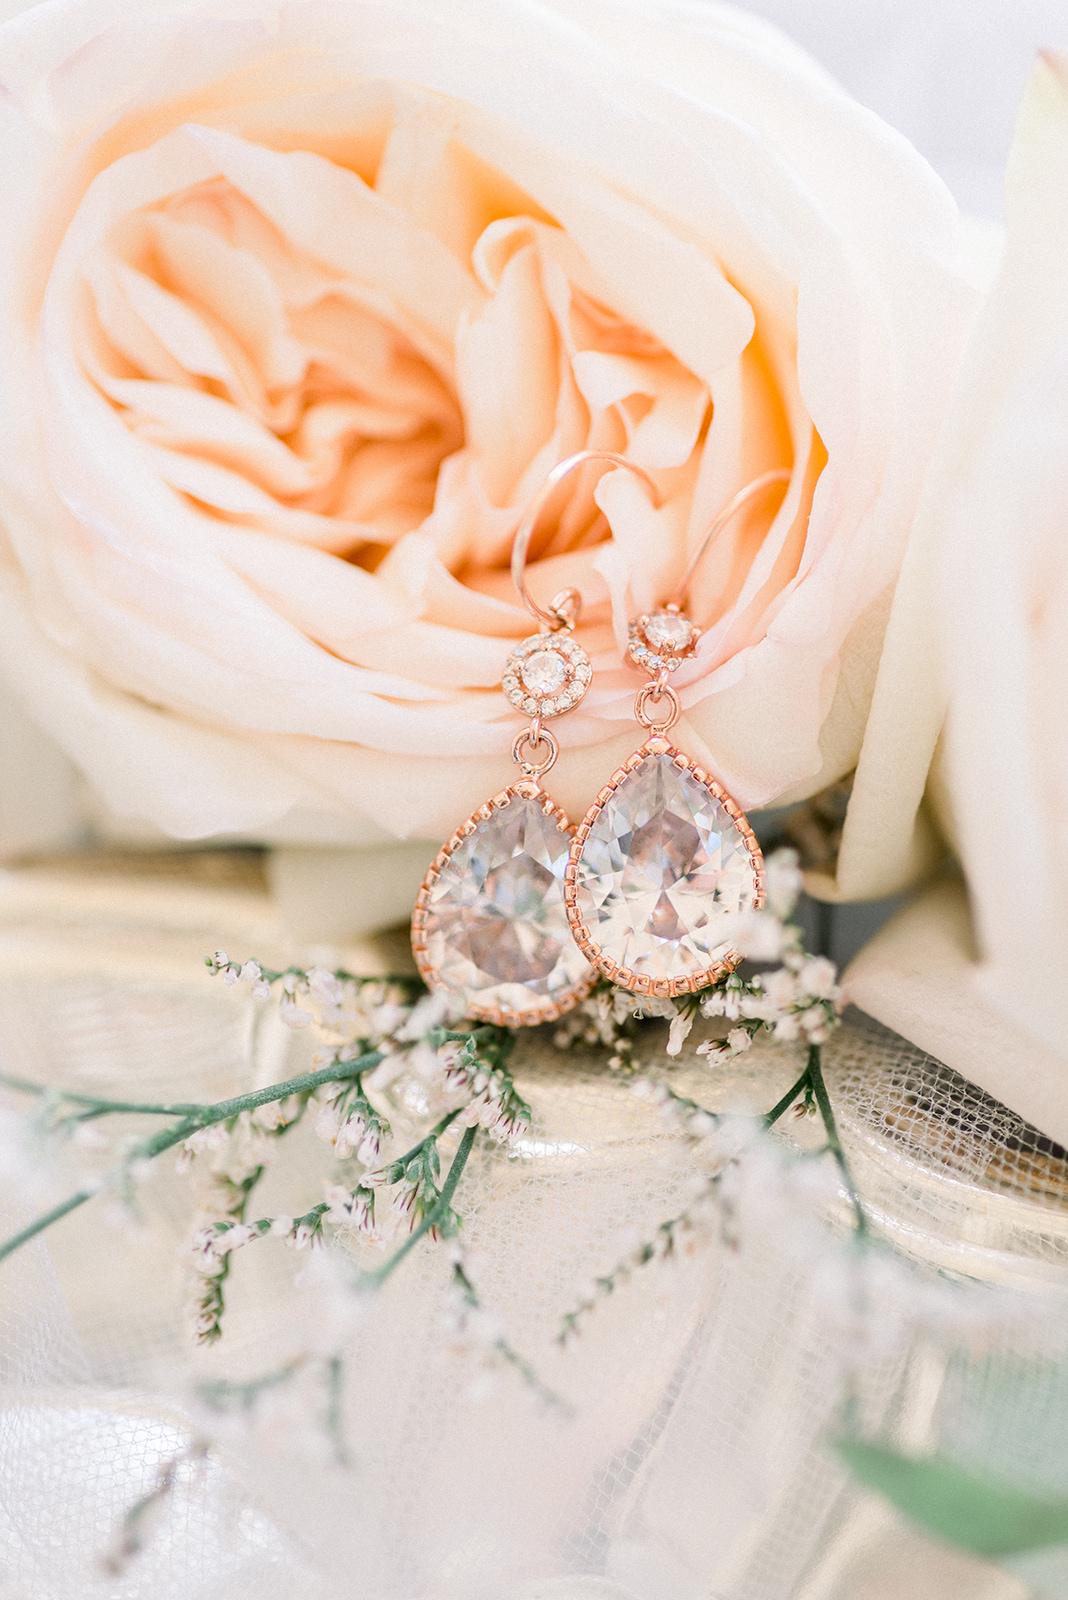 Cairnwood Estates wedding details81.jpg